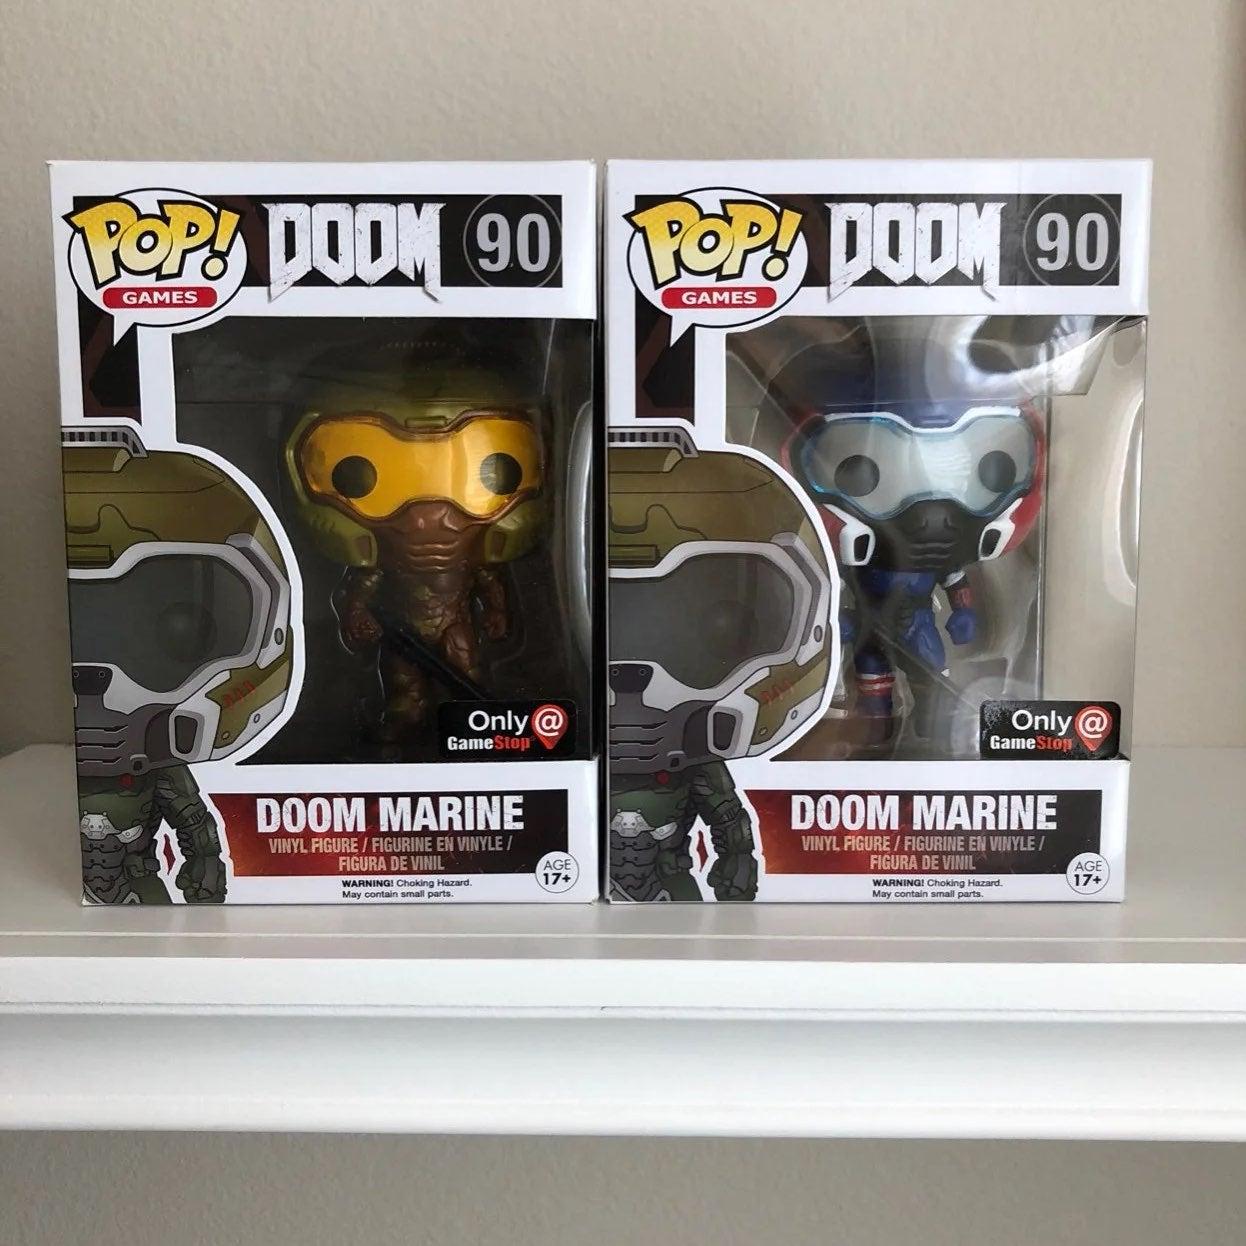 Pop doom space gold marine 90 gamestop